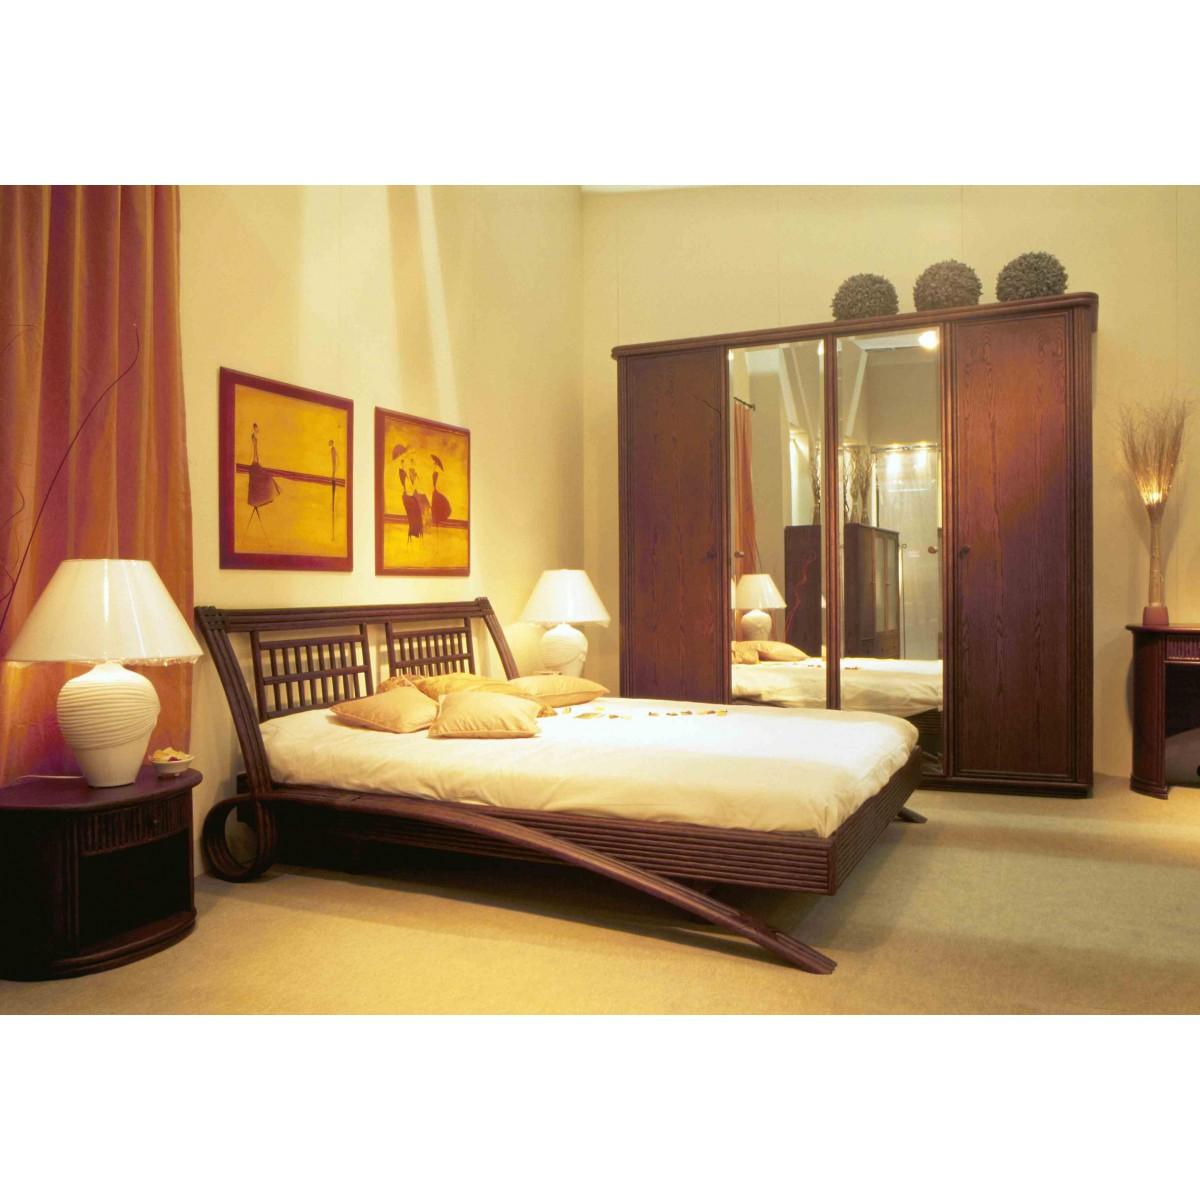 lit en rotin kota. Black Bedroom Furniture Sets. Home Design Ideas